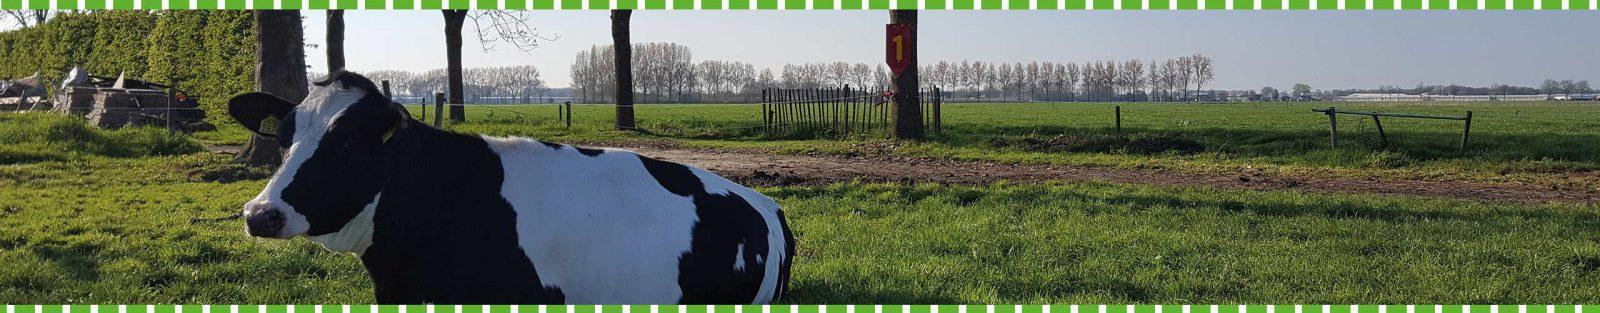 Slider 7 - Boerengolf Hedel - Activiteiten bij de boer